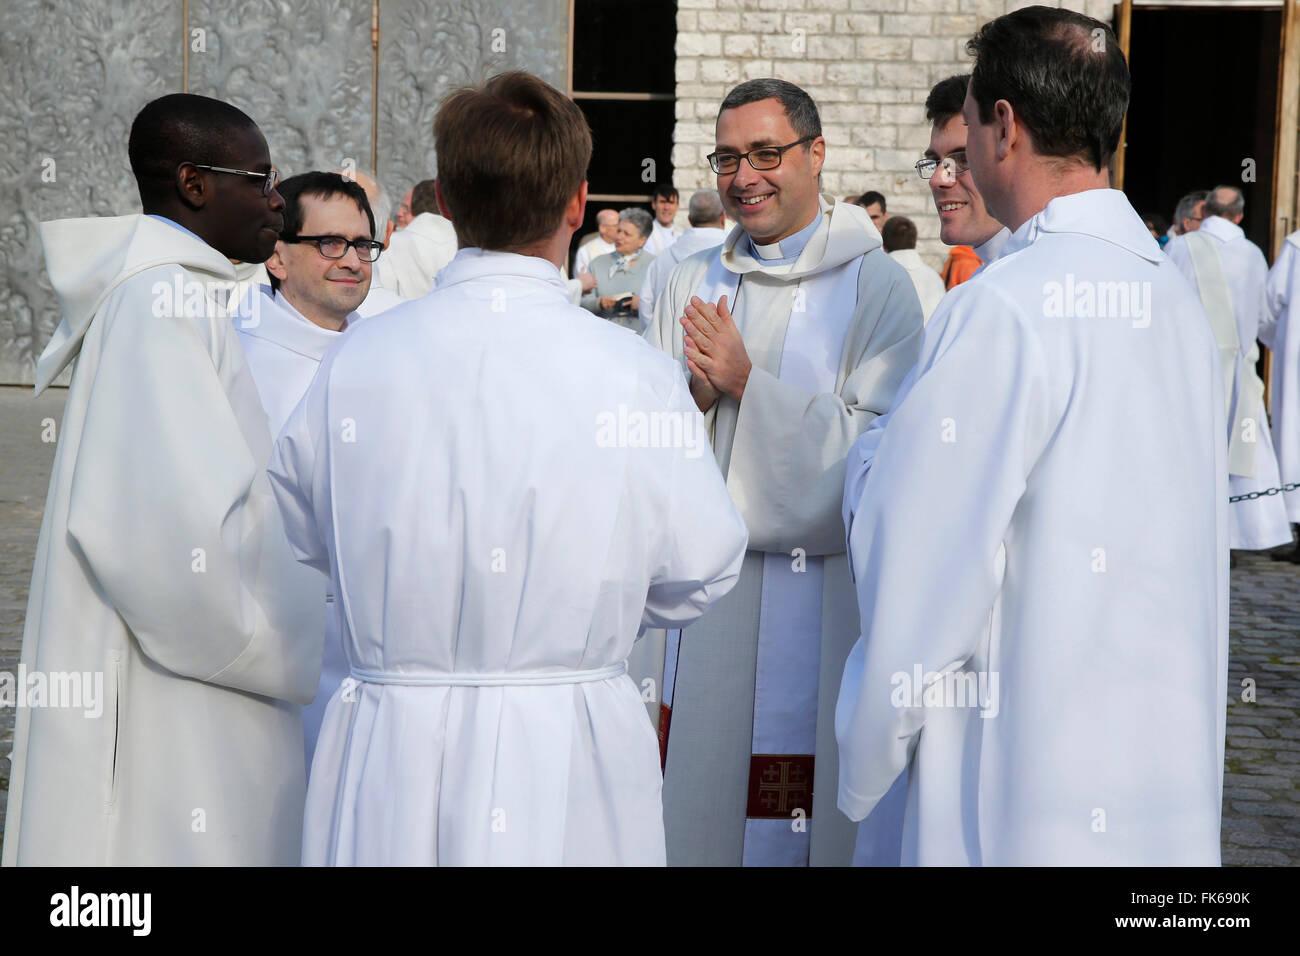 Les prêtres catholiques à l'extérieur de la cathédrale Sainte Geneviève, Nanterre, Hauts-de-Seine, France, Europe Banque D'Images